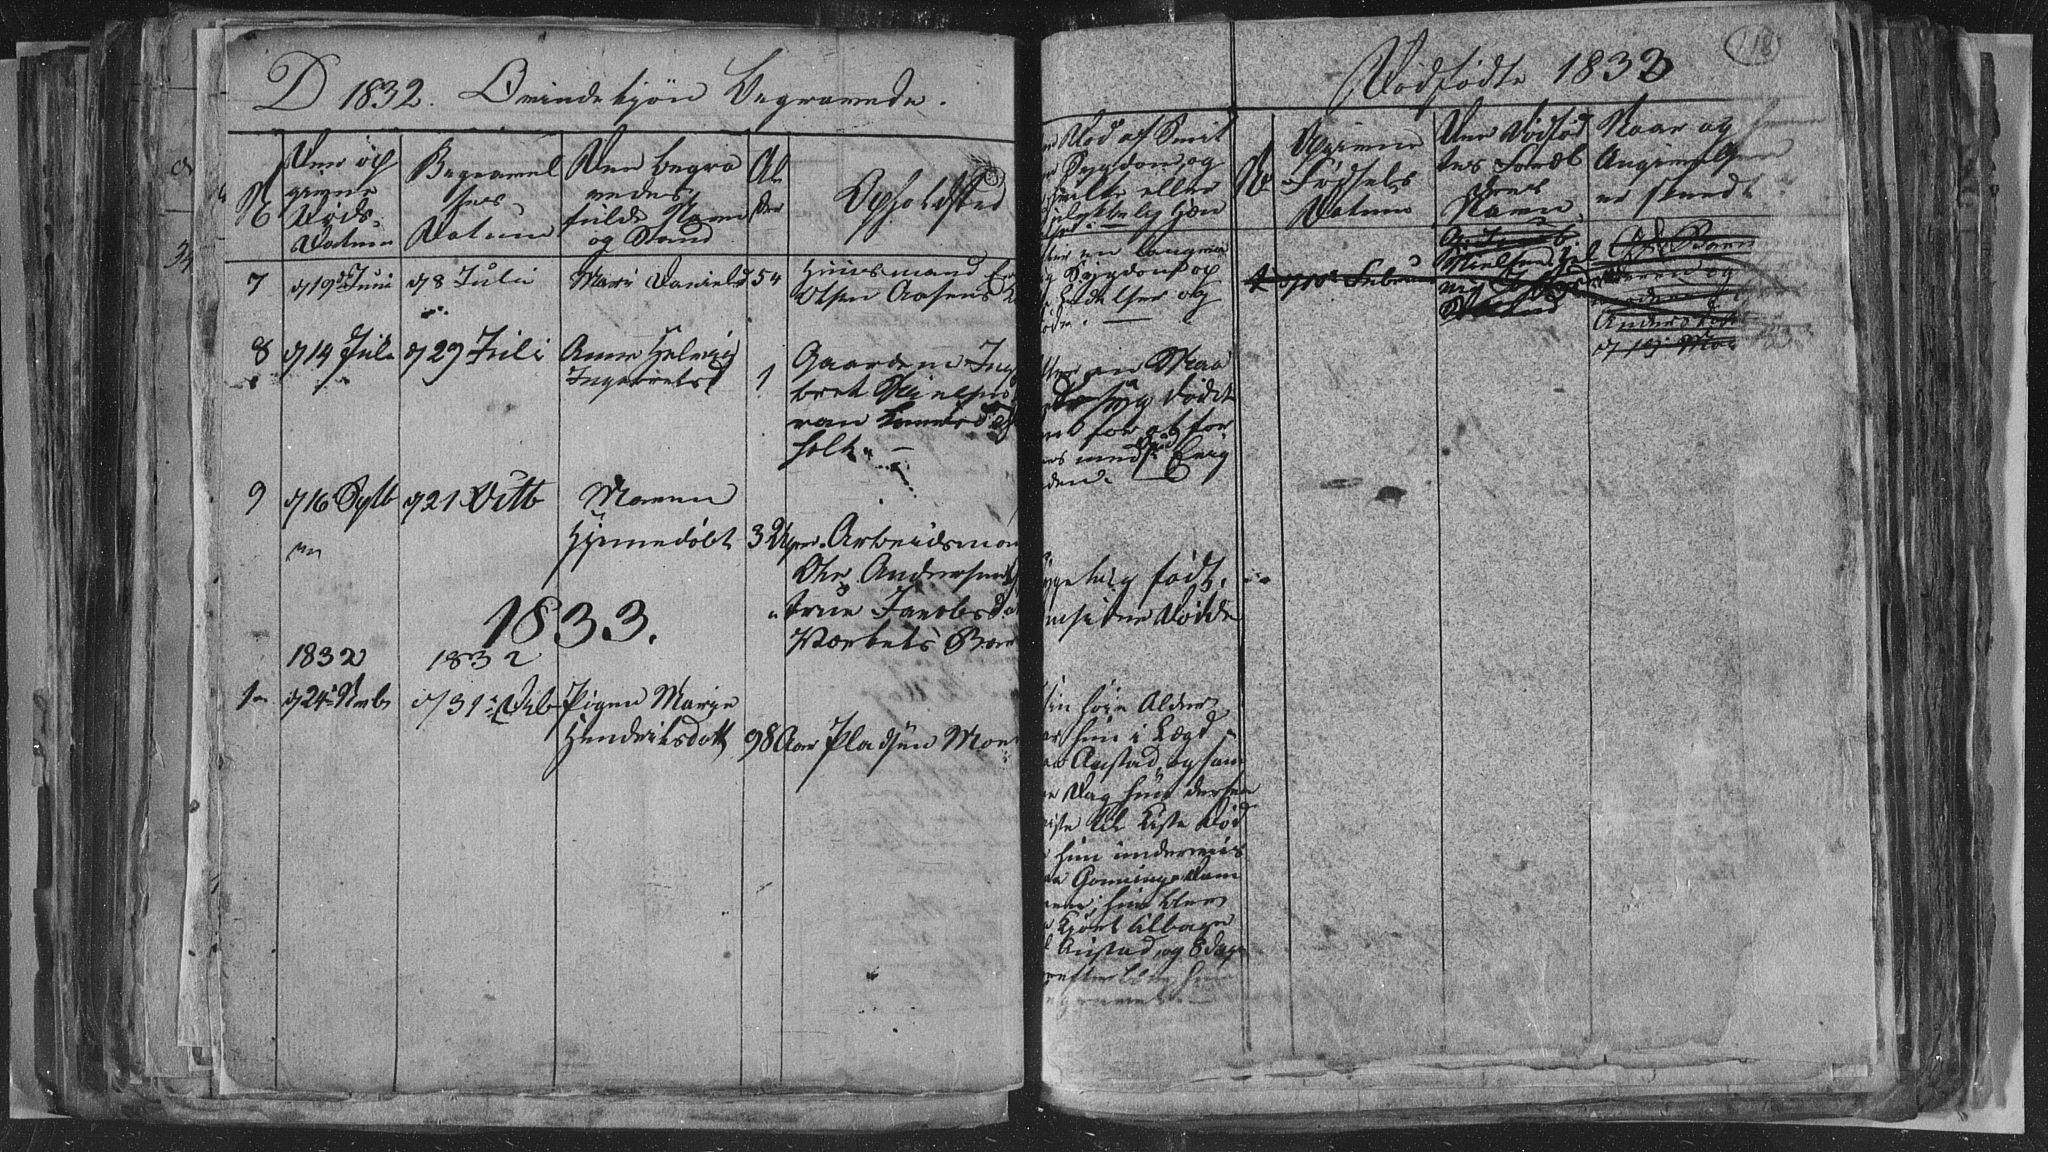 SAKO, Siljan kirkebøker, G/Ga/L0001: Klokkerbok nr. 1, 1827-1847, s. 118